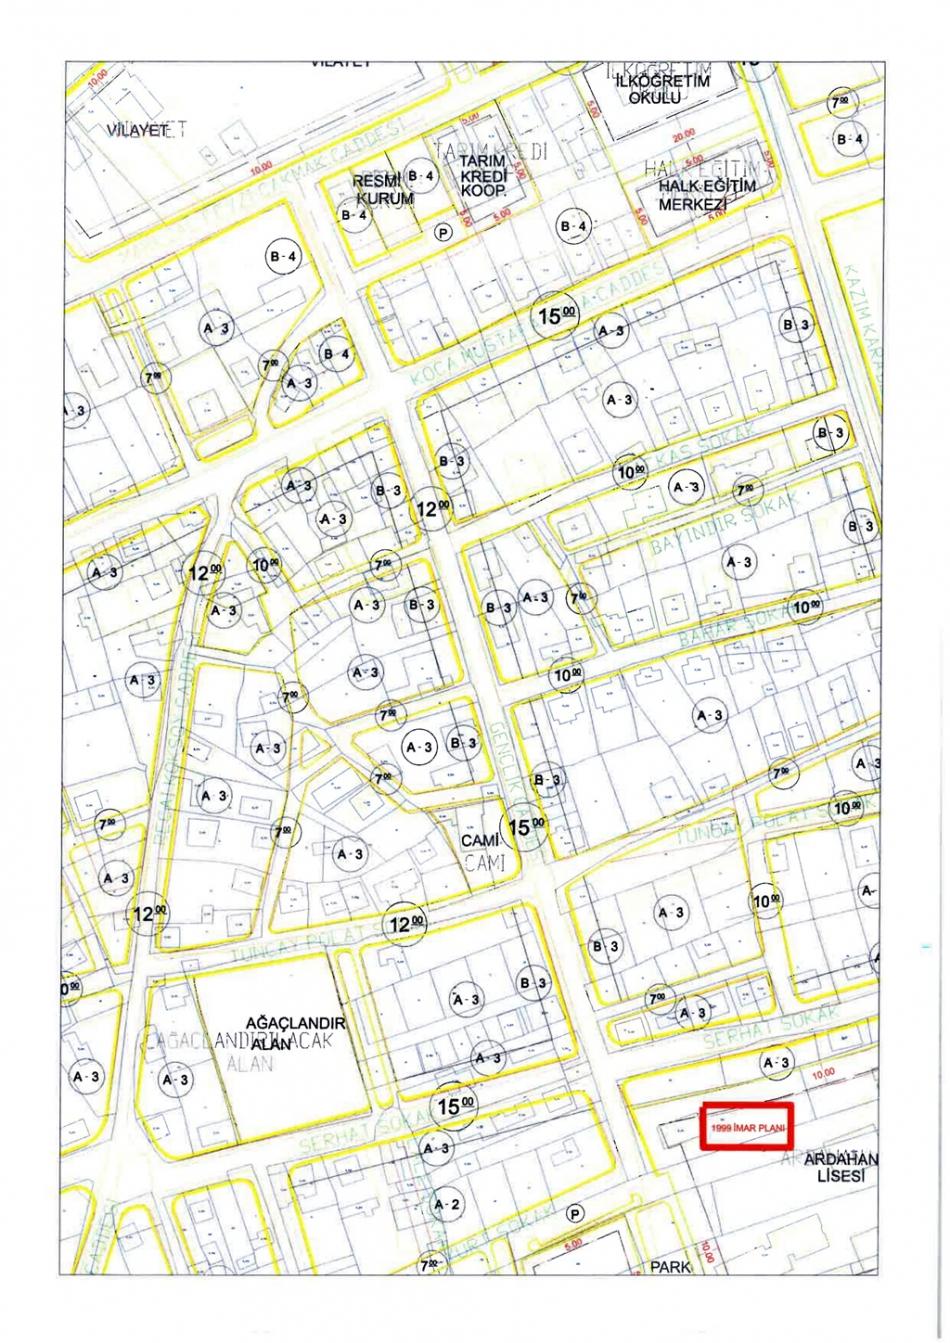 2021/07/1627500829_ardahan_belediyesi_-2.jpg